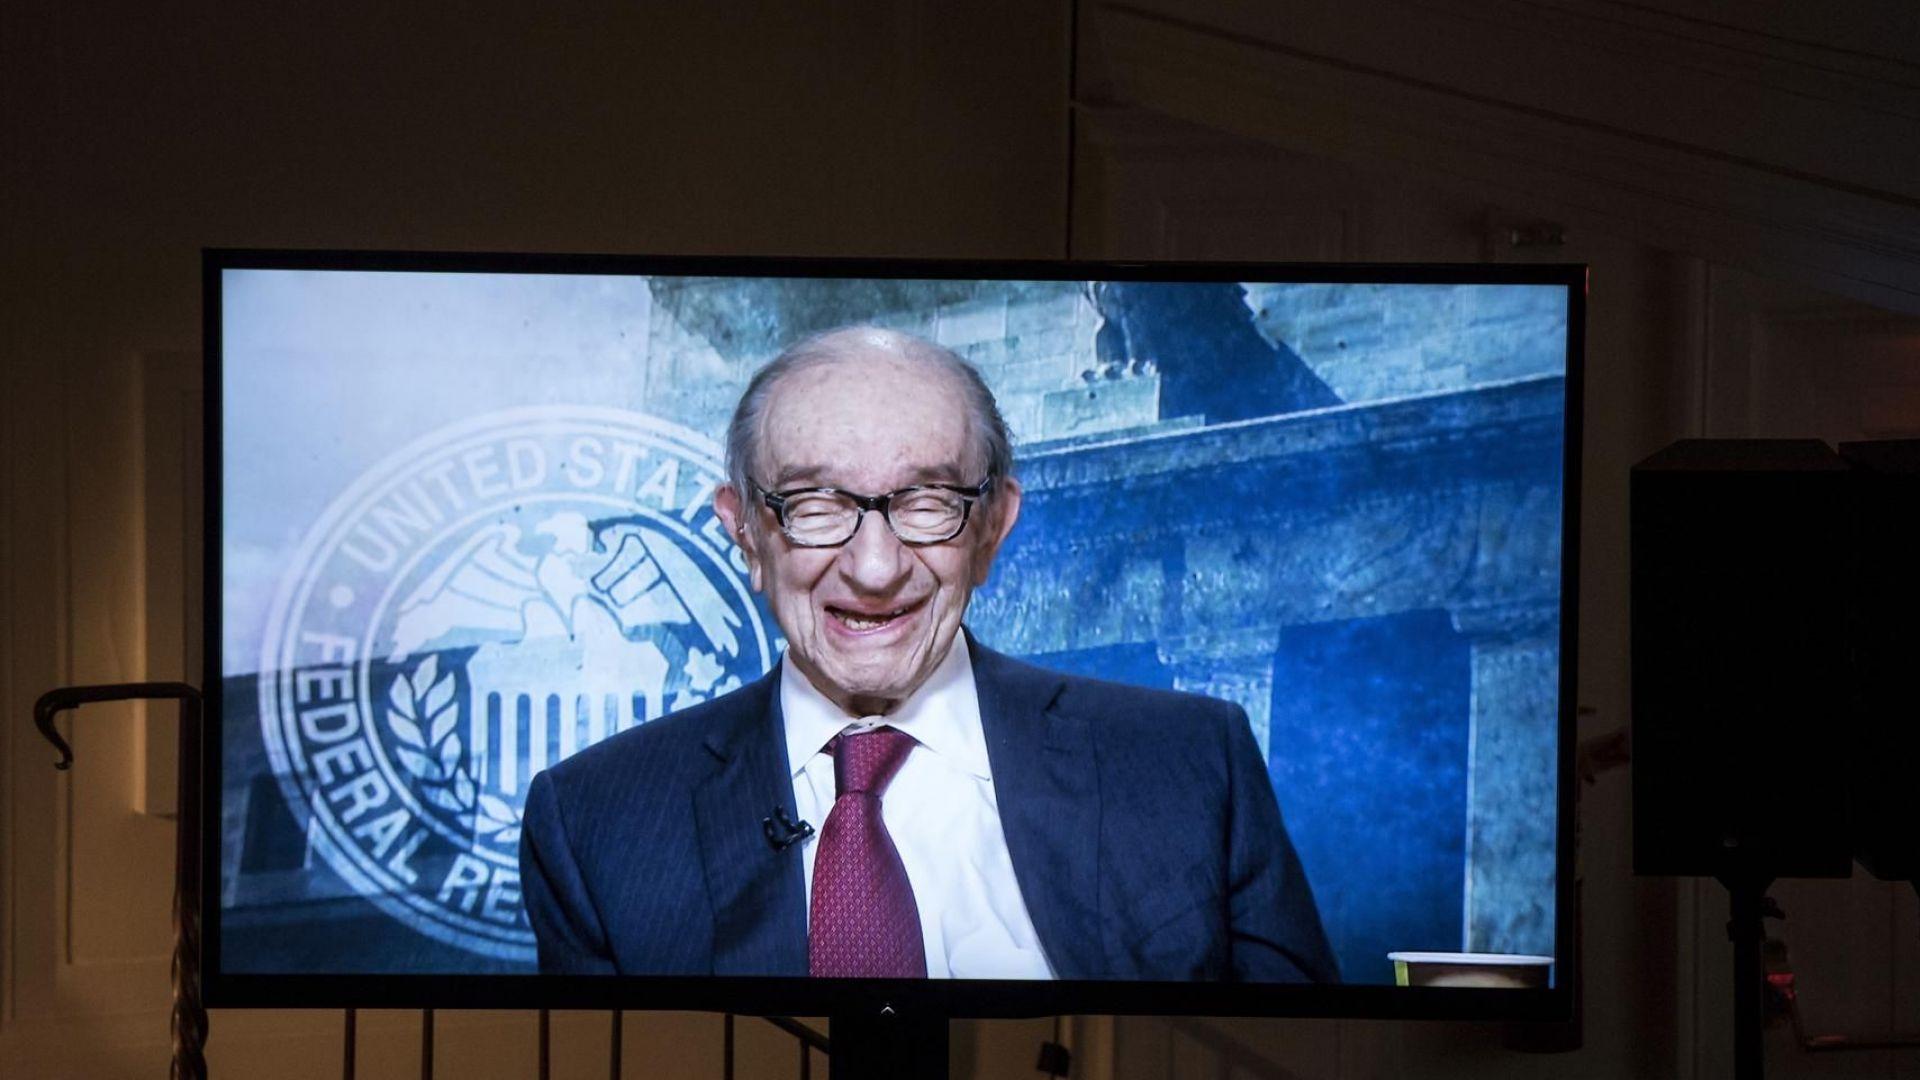 Алън Грийнспан: Цените на акциите все още са прекалено високи